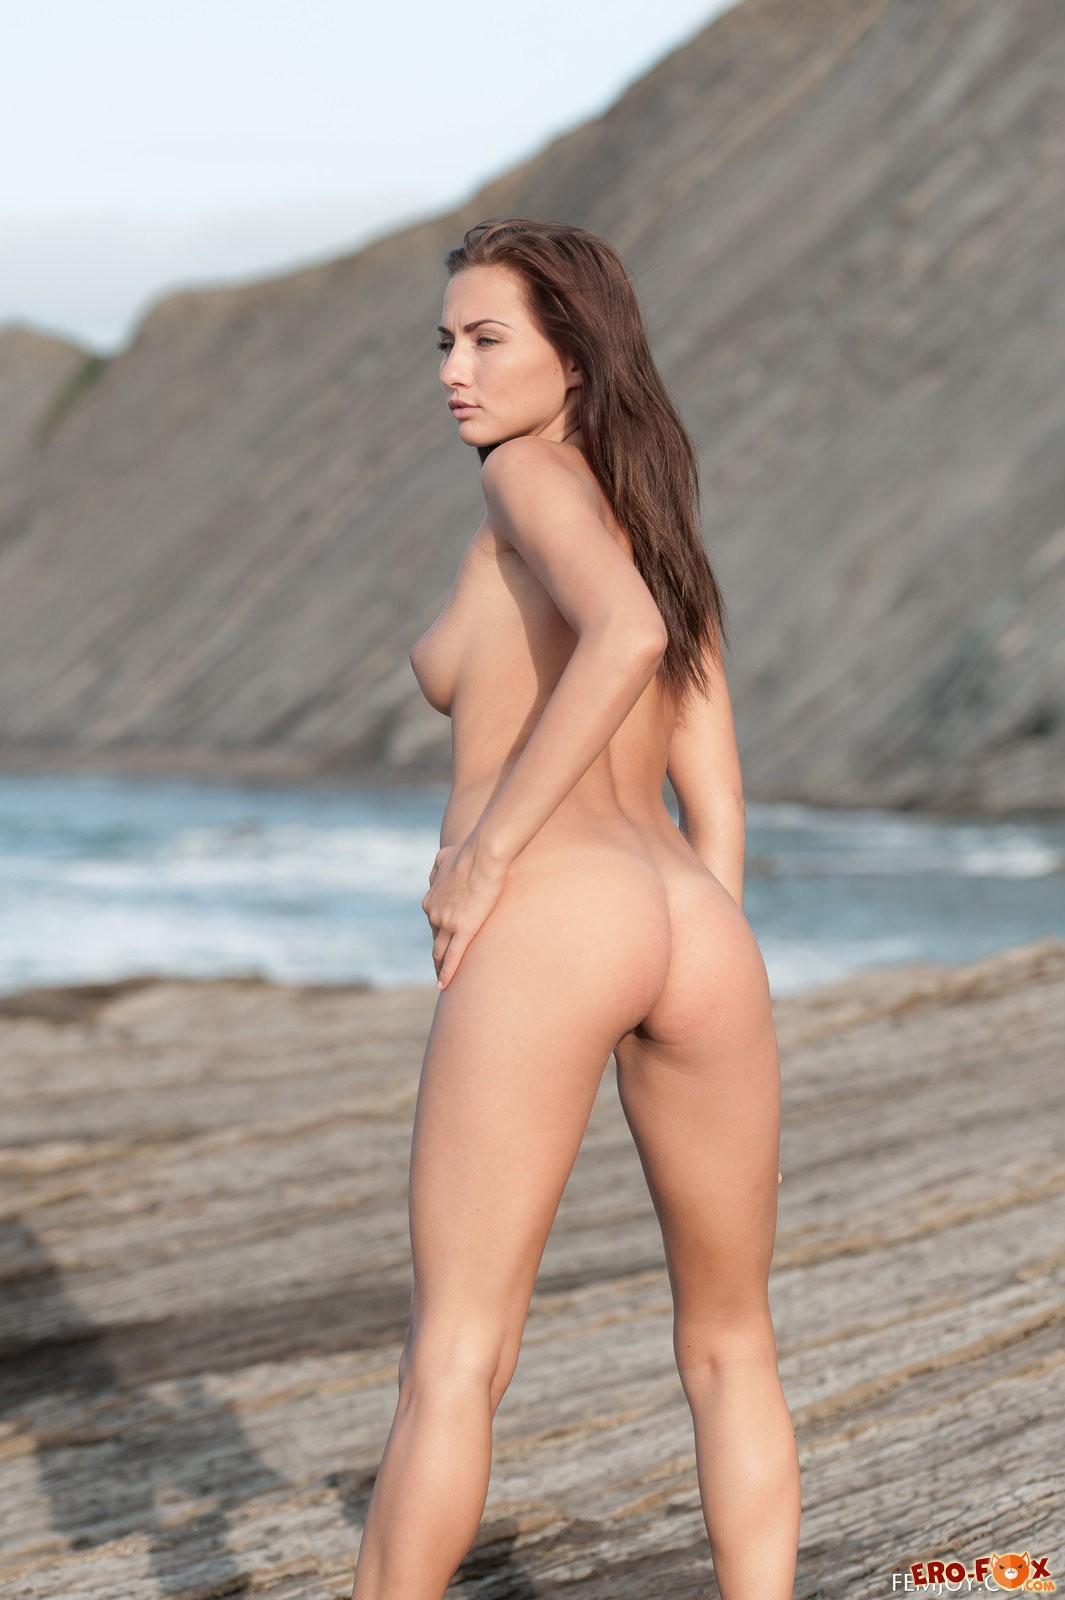 Голая девушка с красивой упругой грудью на побережье .